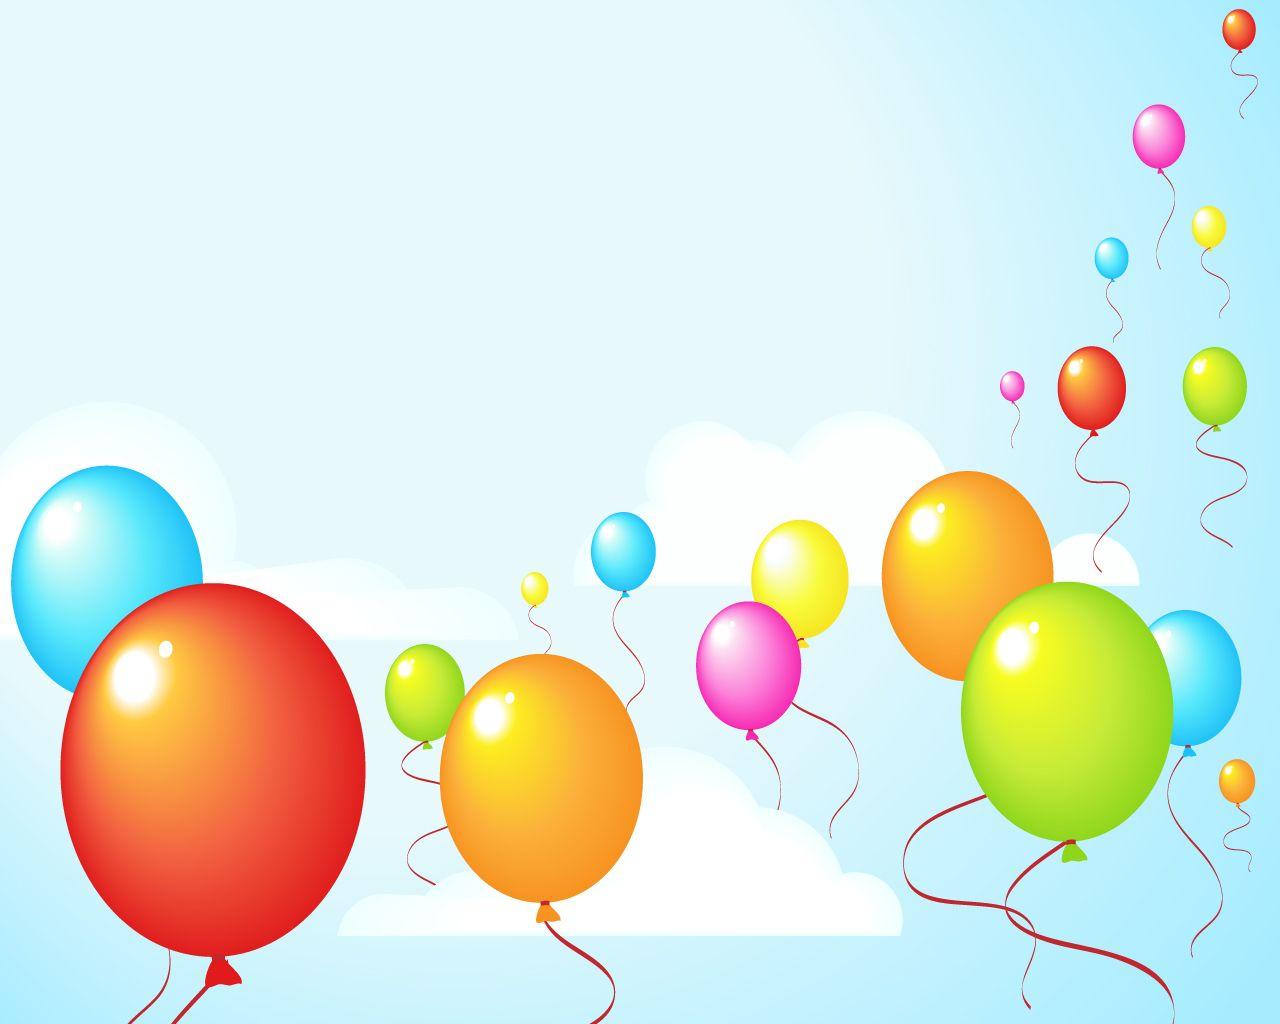 milliwall Hot Air Balloon Wallpaper HD CREATION Pinterest.